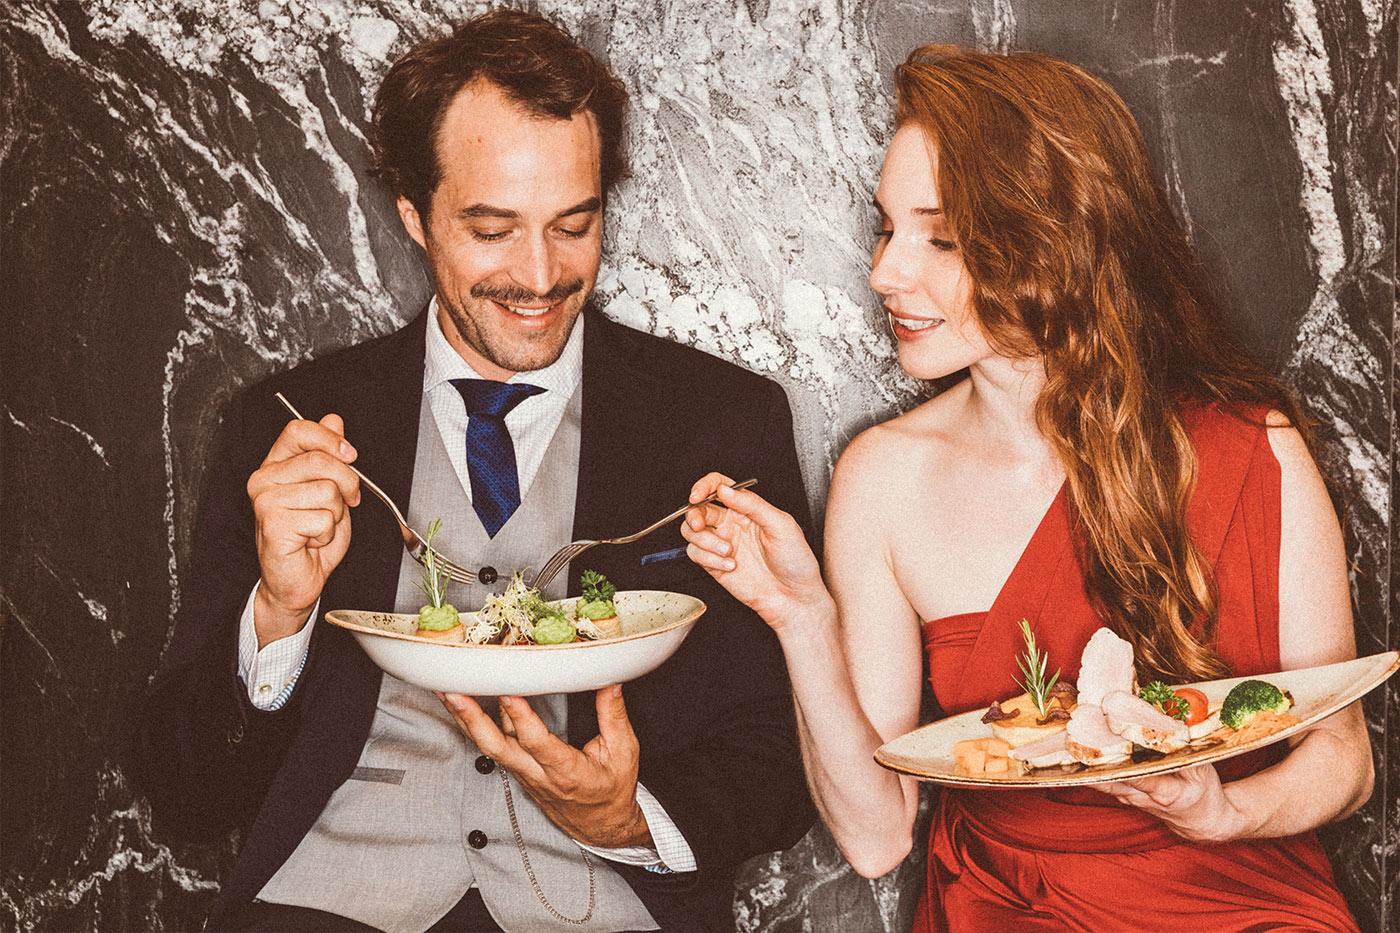 Pärchen in Abendkleidung mit Tellern probiert Essen vor Marmorwand